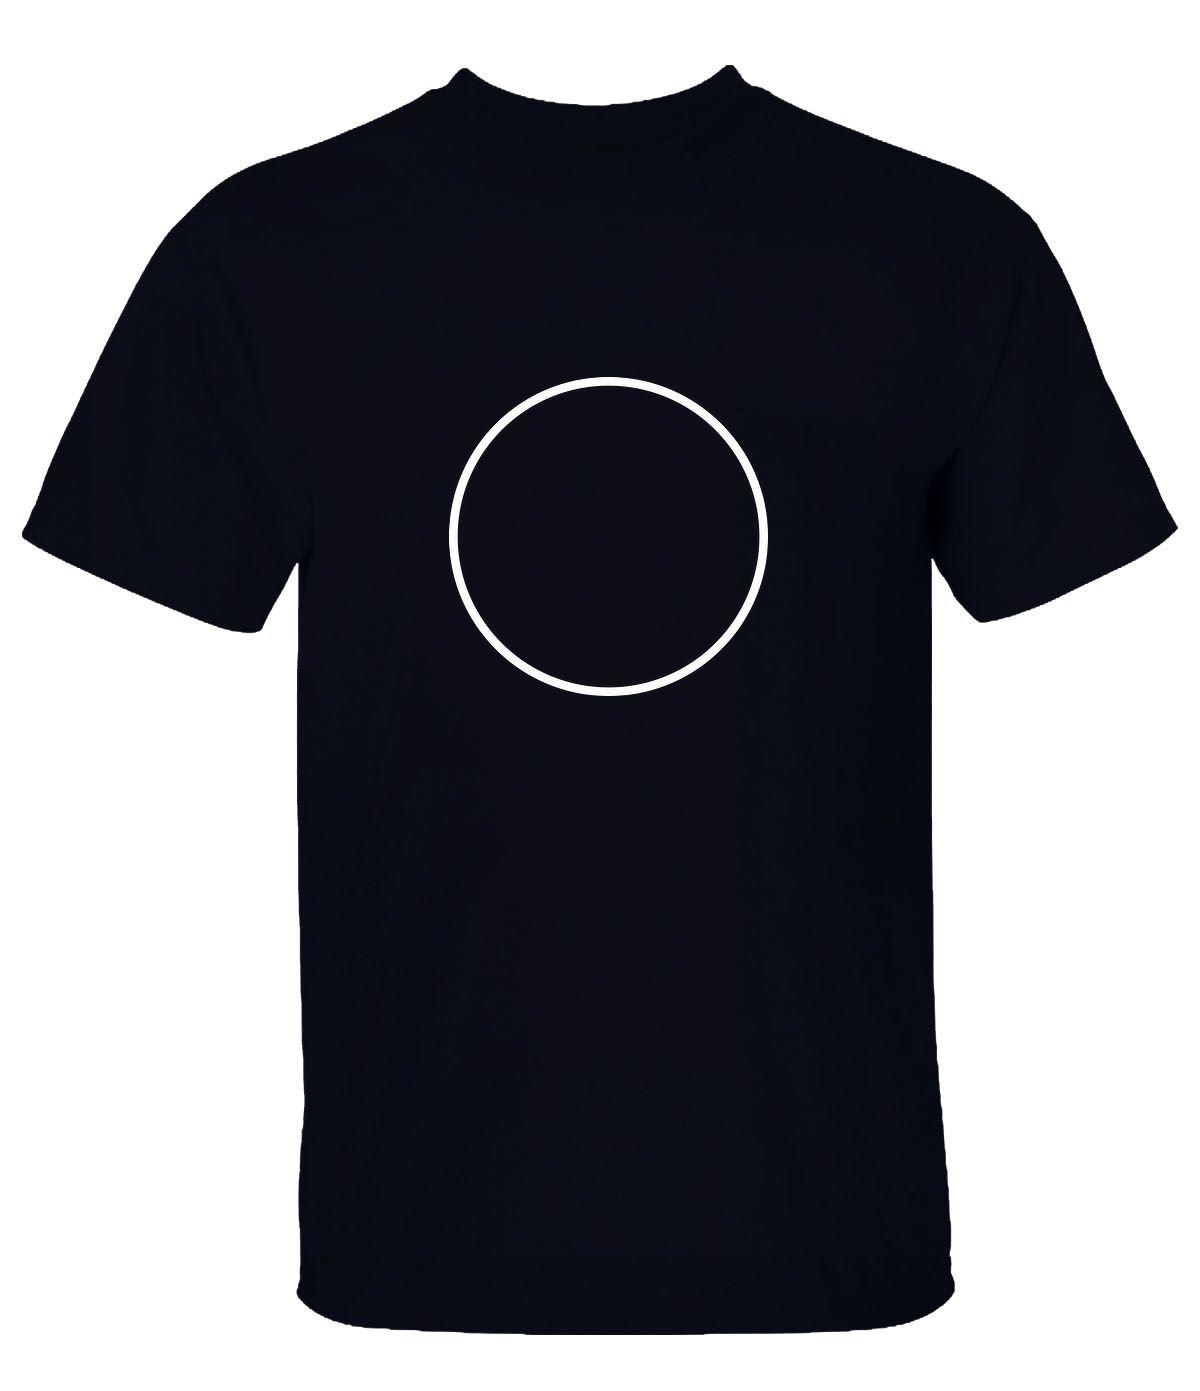 Circle For Mens Shirts